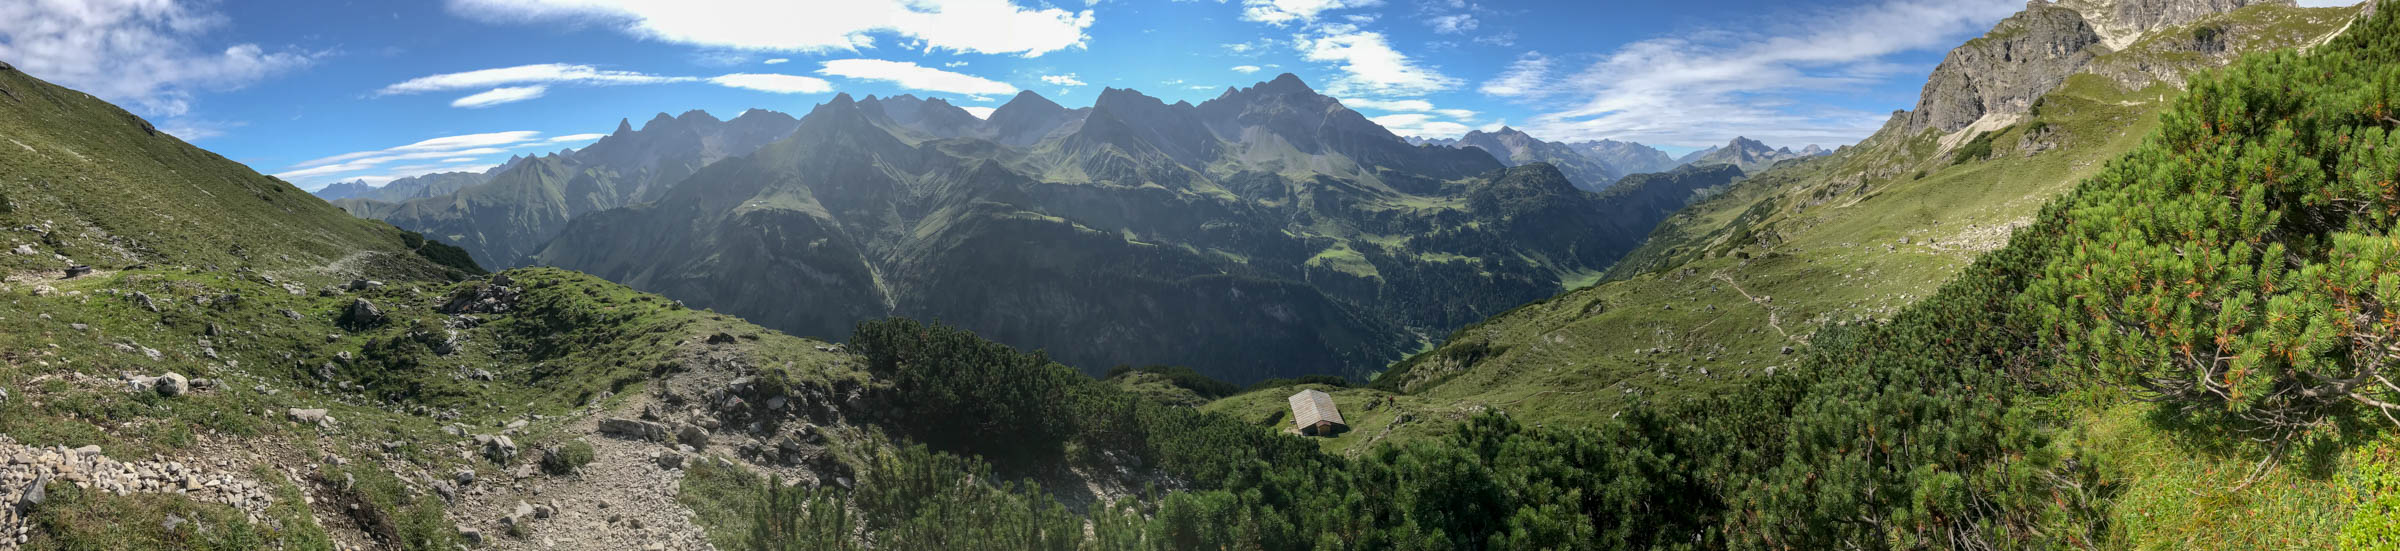 Tag 2 - Krumbacher Höhenweg